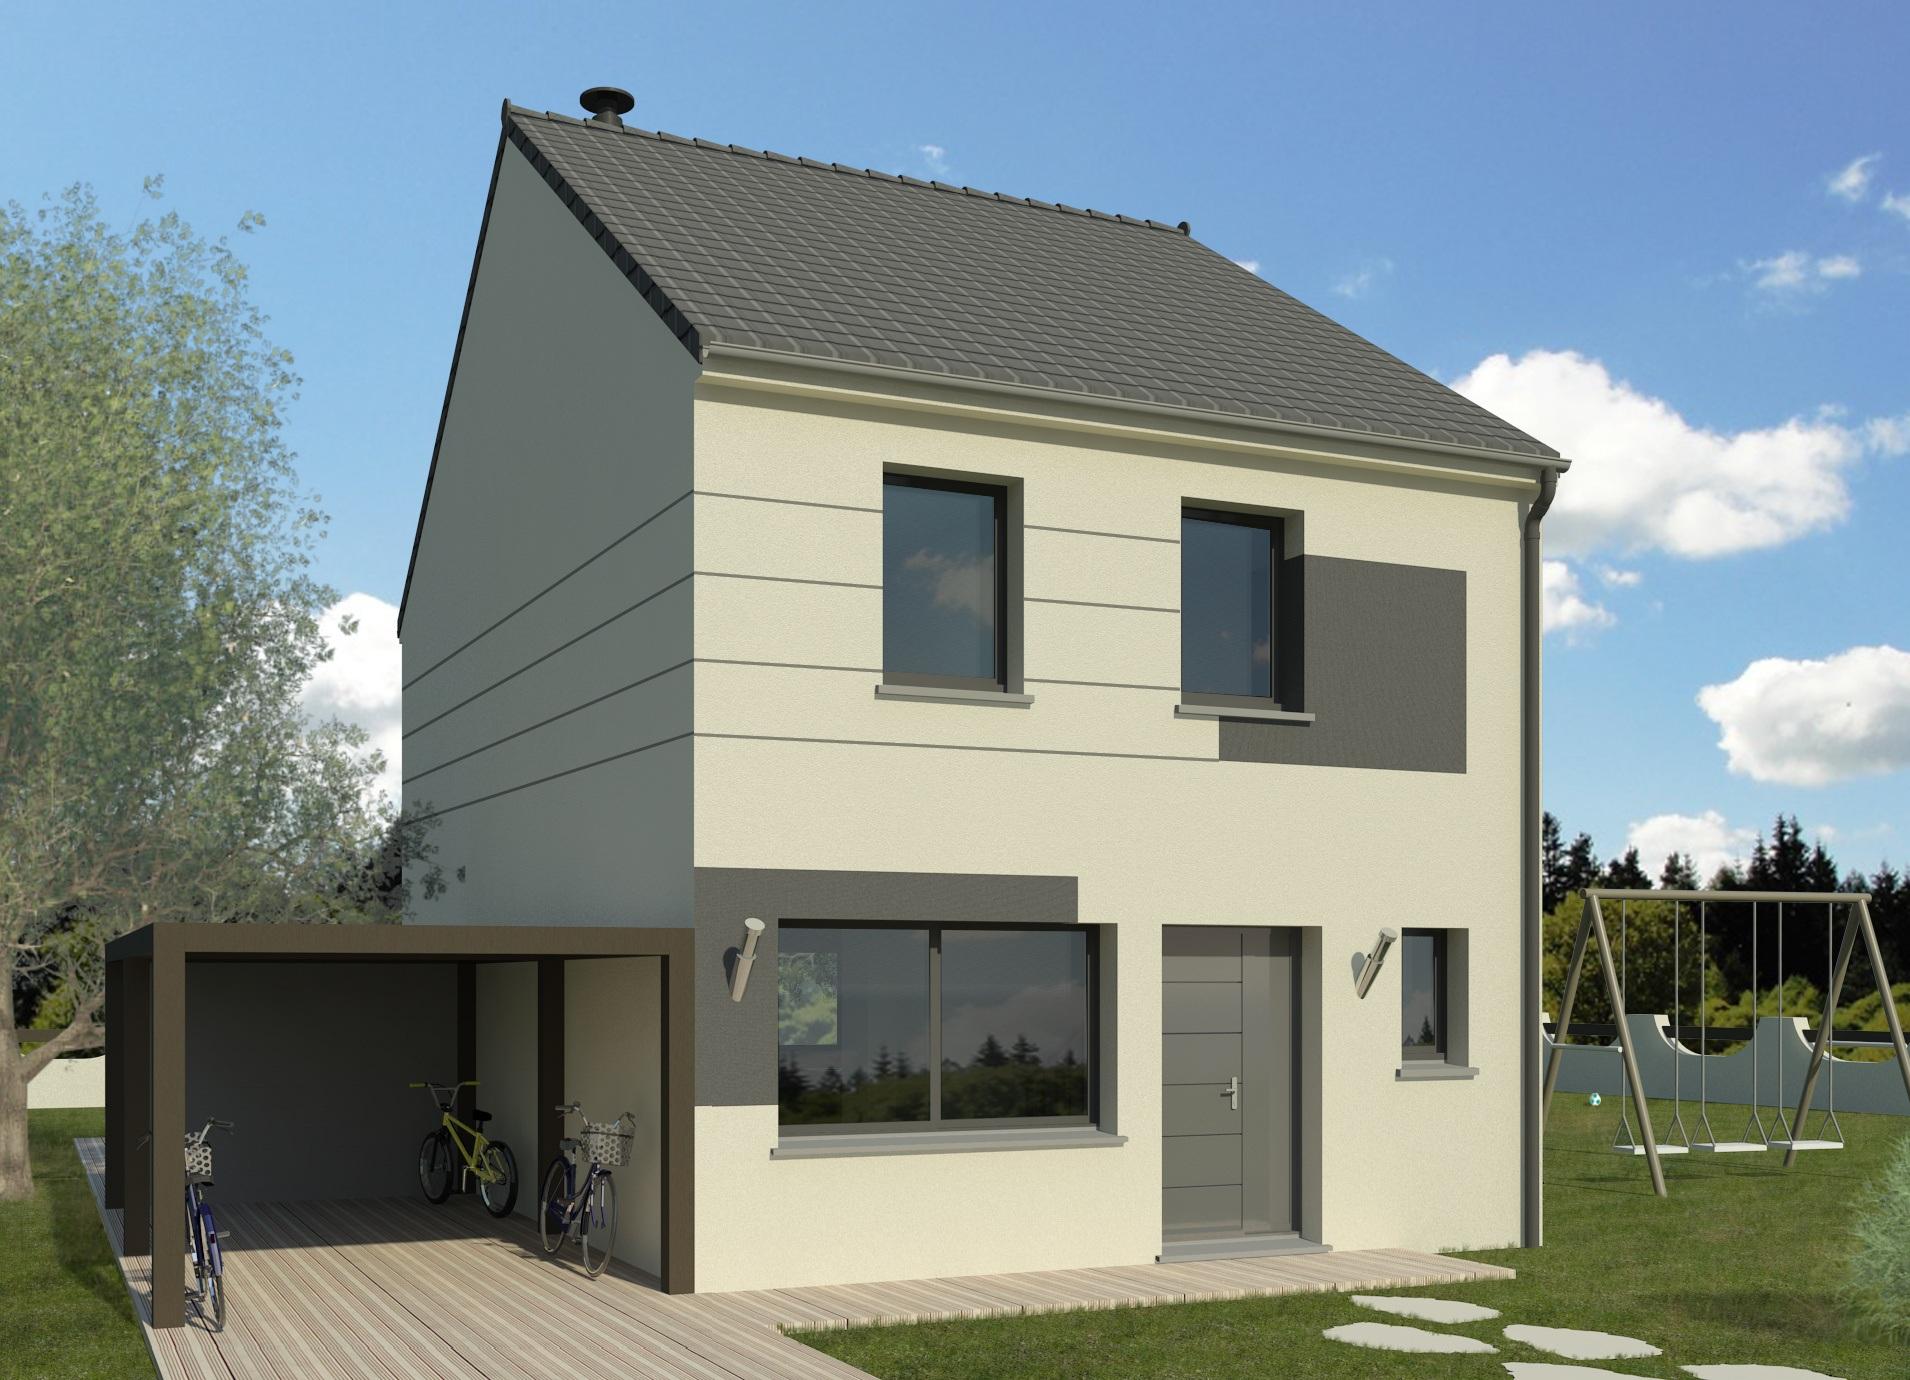 Maisons + Terrains du constructeur MAISON FAMILIALE • 110 m² • ELANCOURT